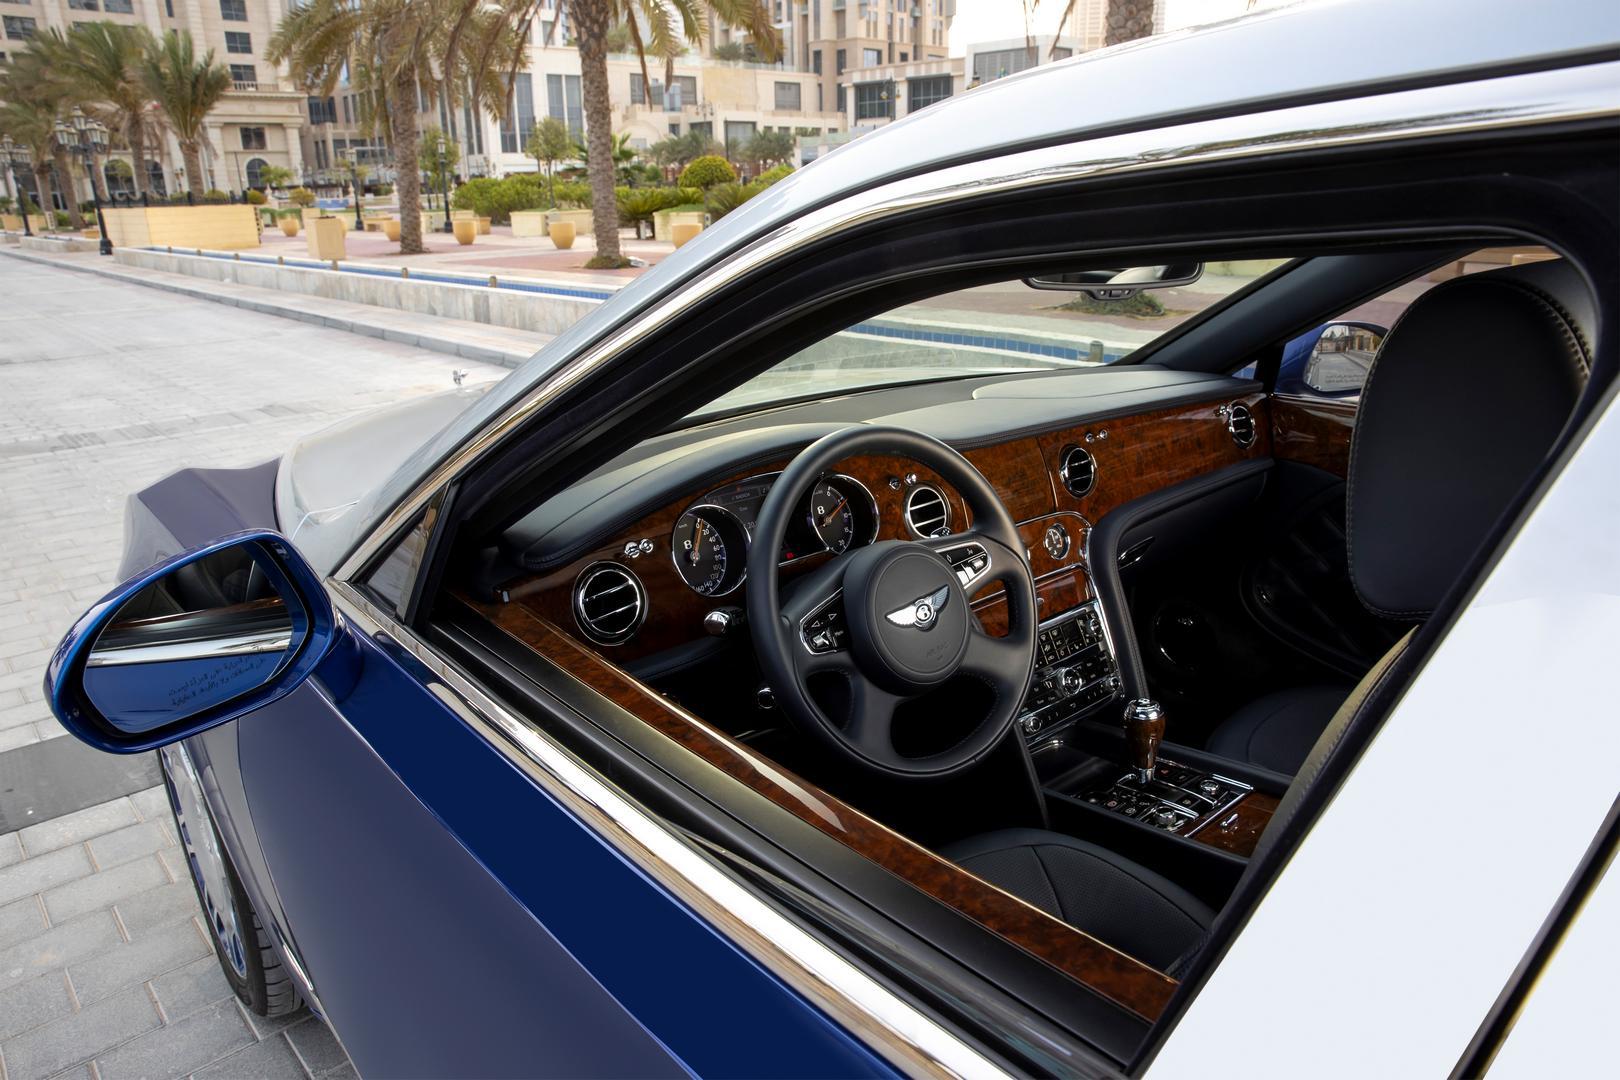 Bentley Mulsanne Grand Limousine cockpit